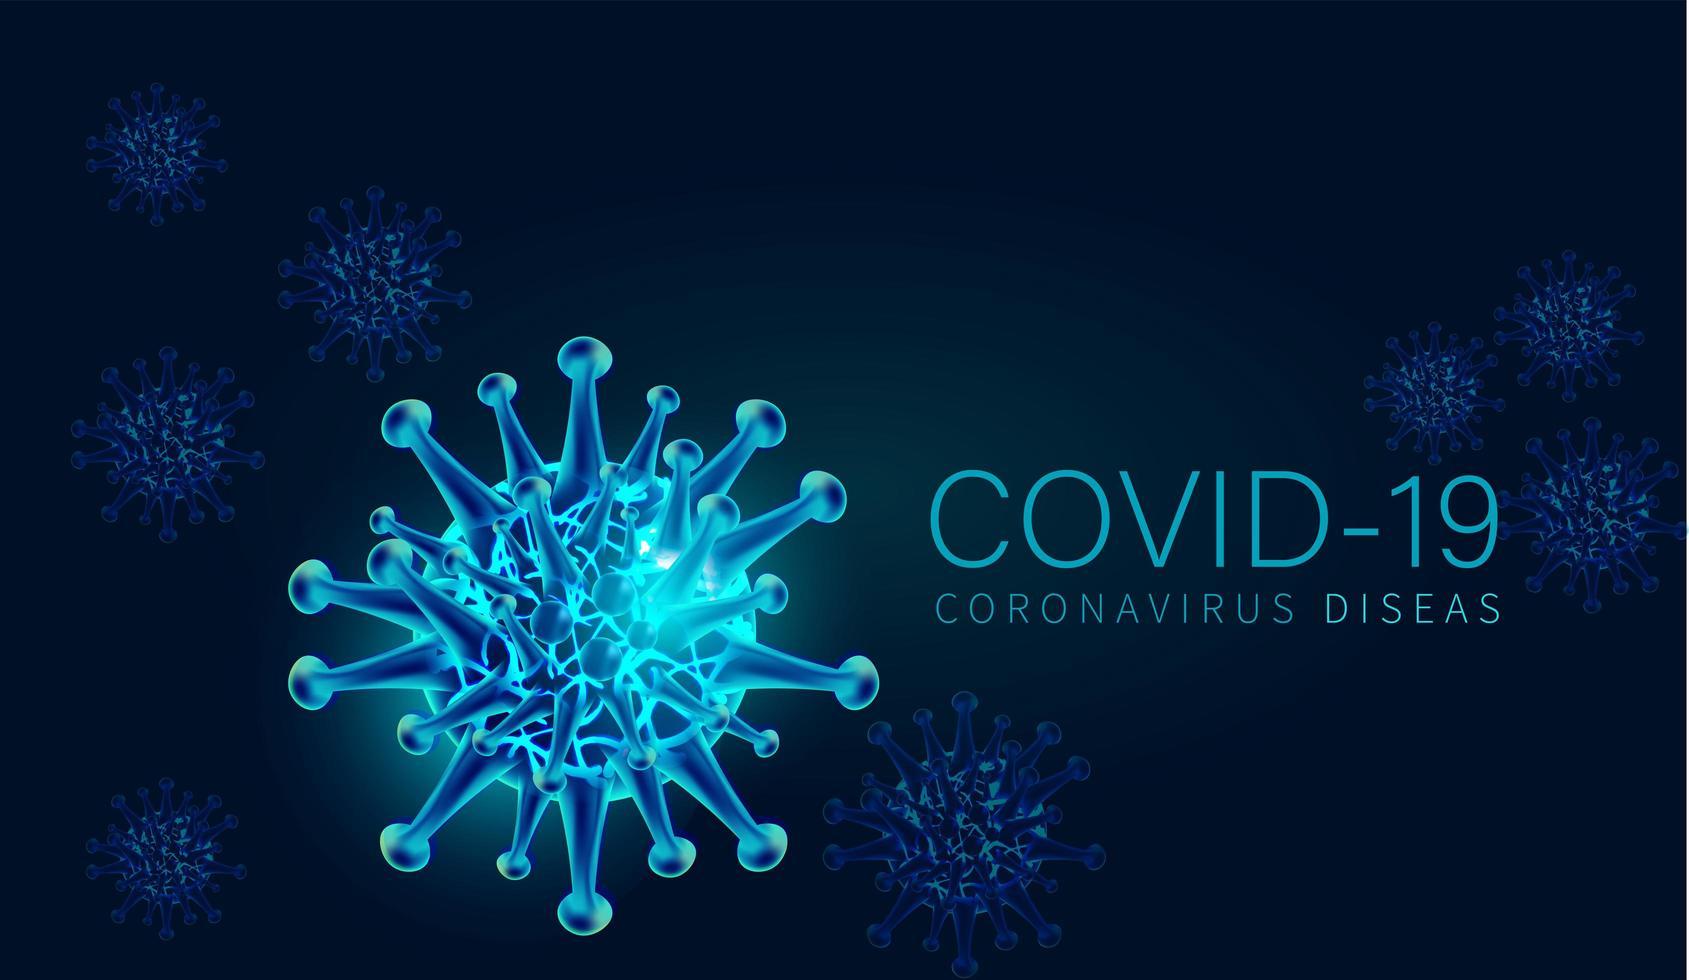 fond de cellule bleu covid-19 vecteur